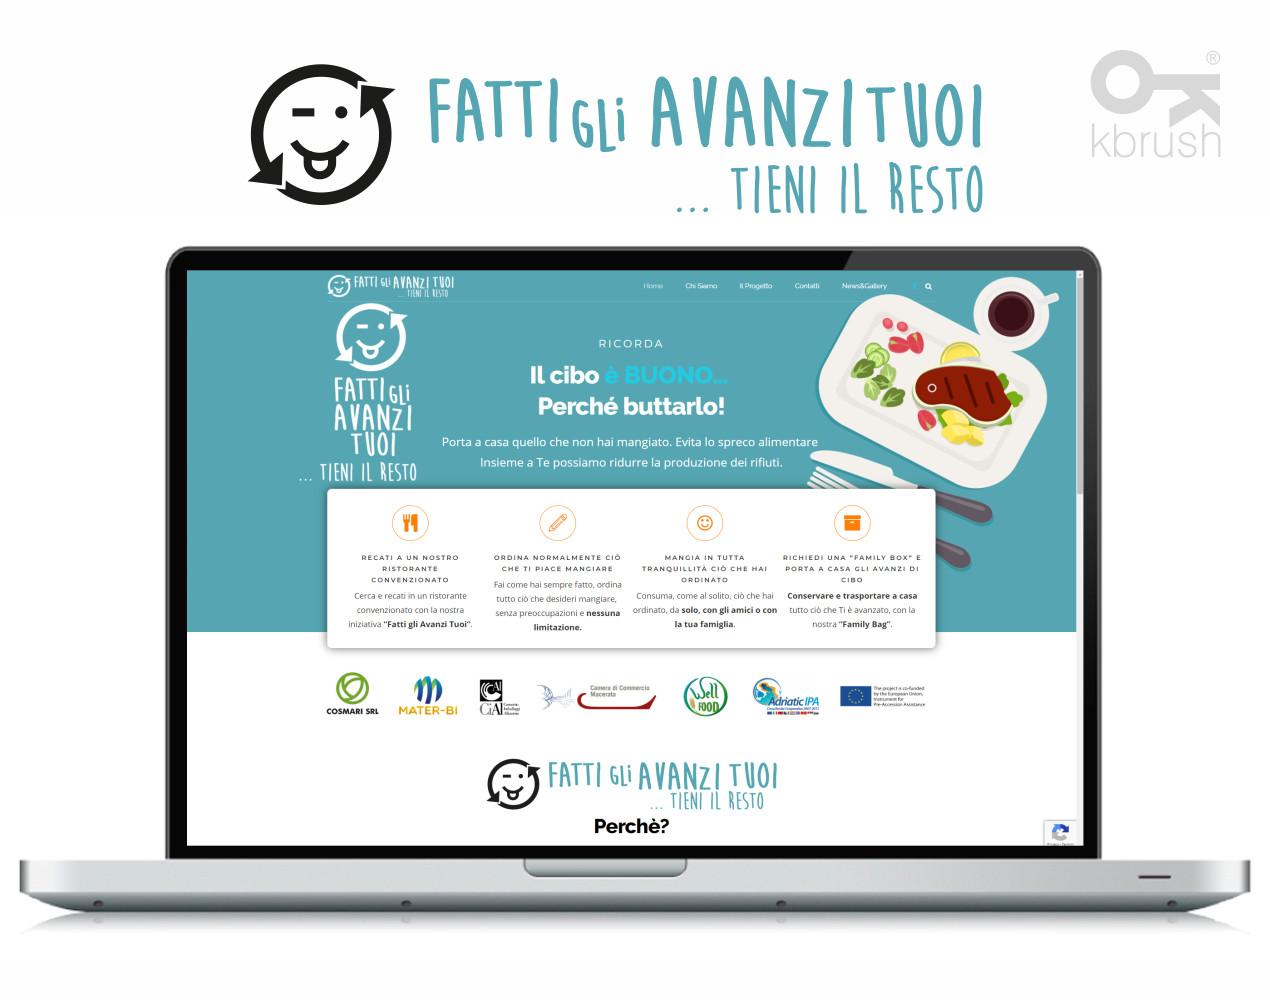 sito web Fatti gli Avanzi – Kbrush Studio grafico